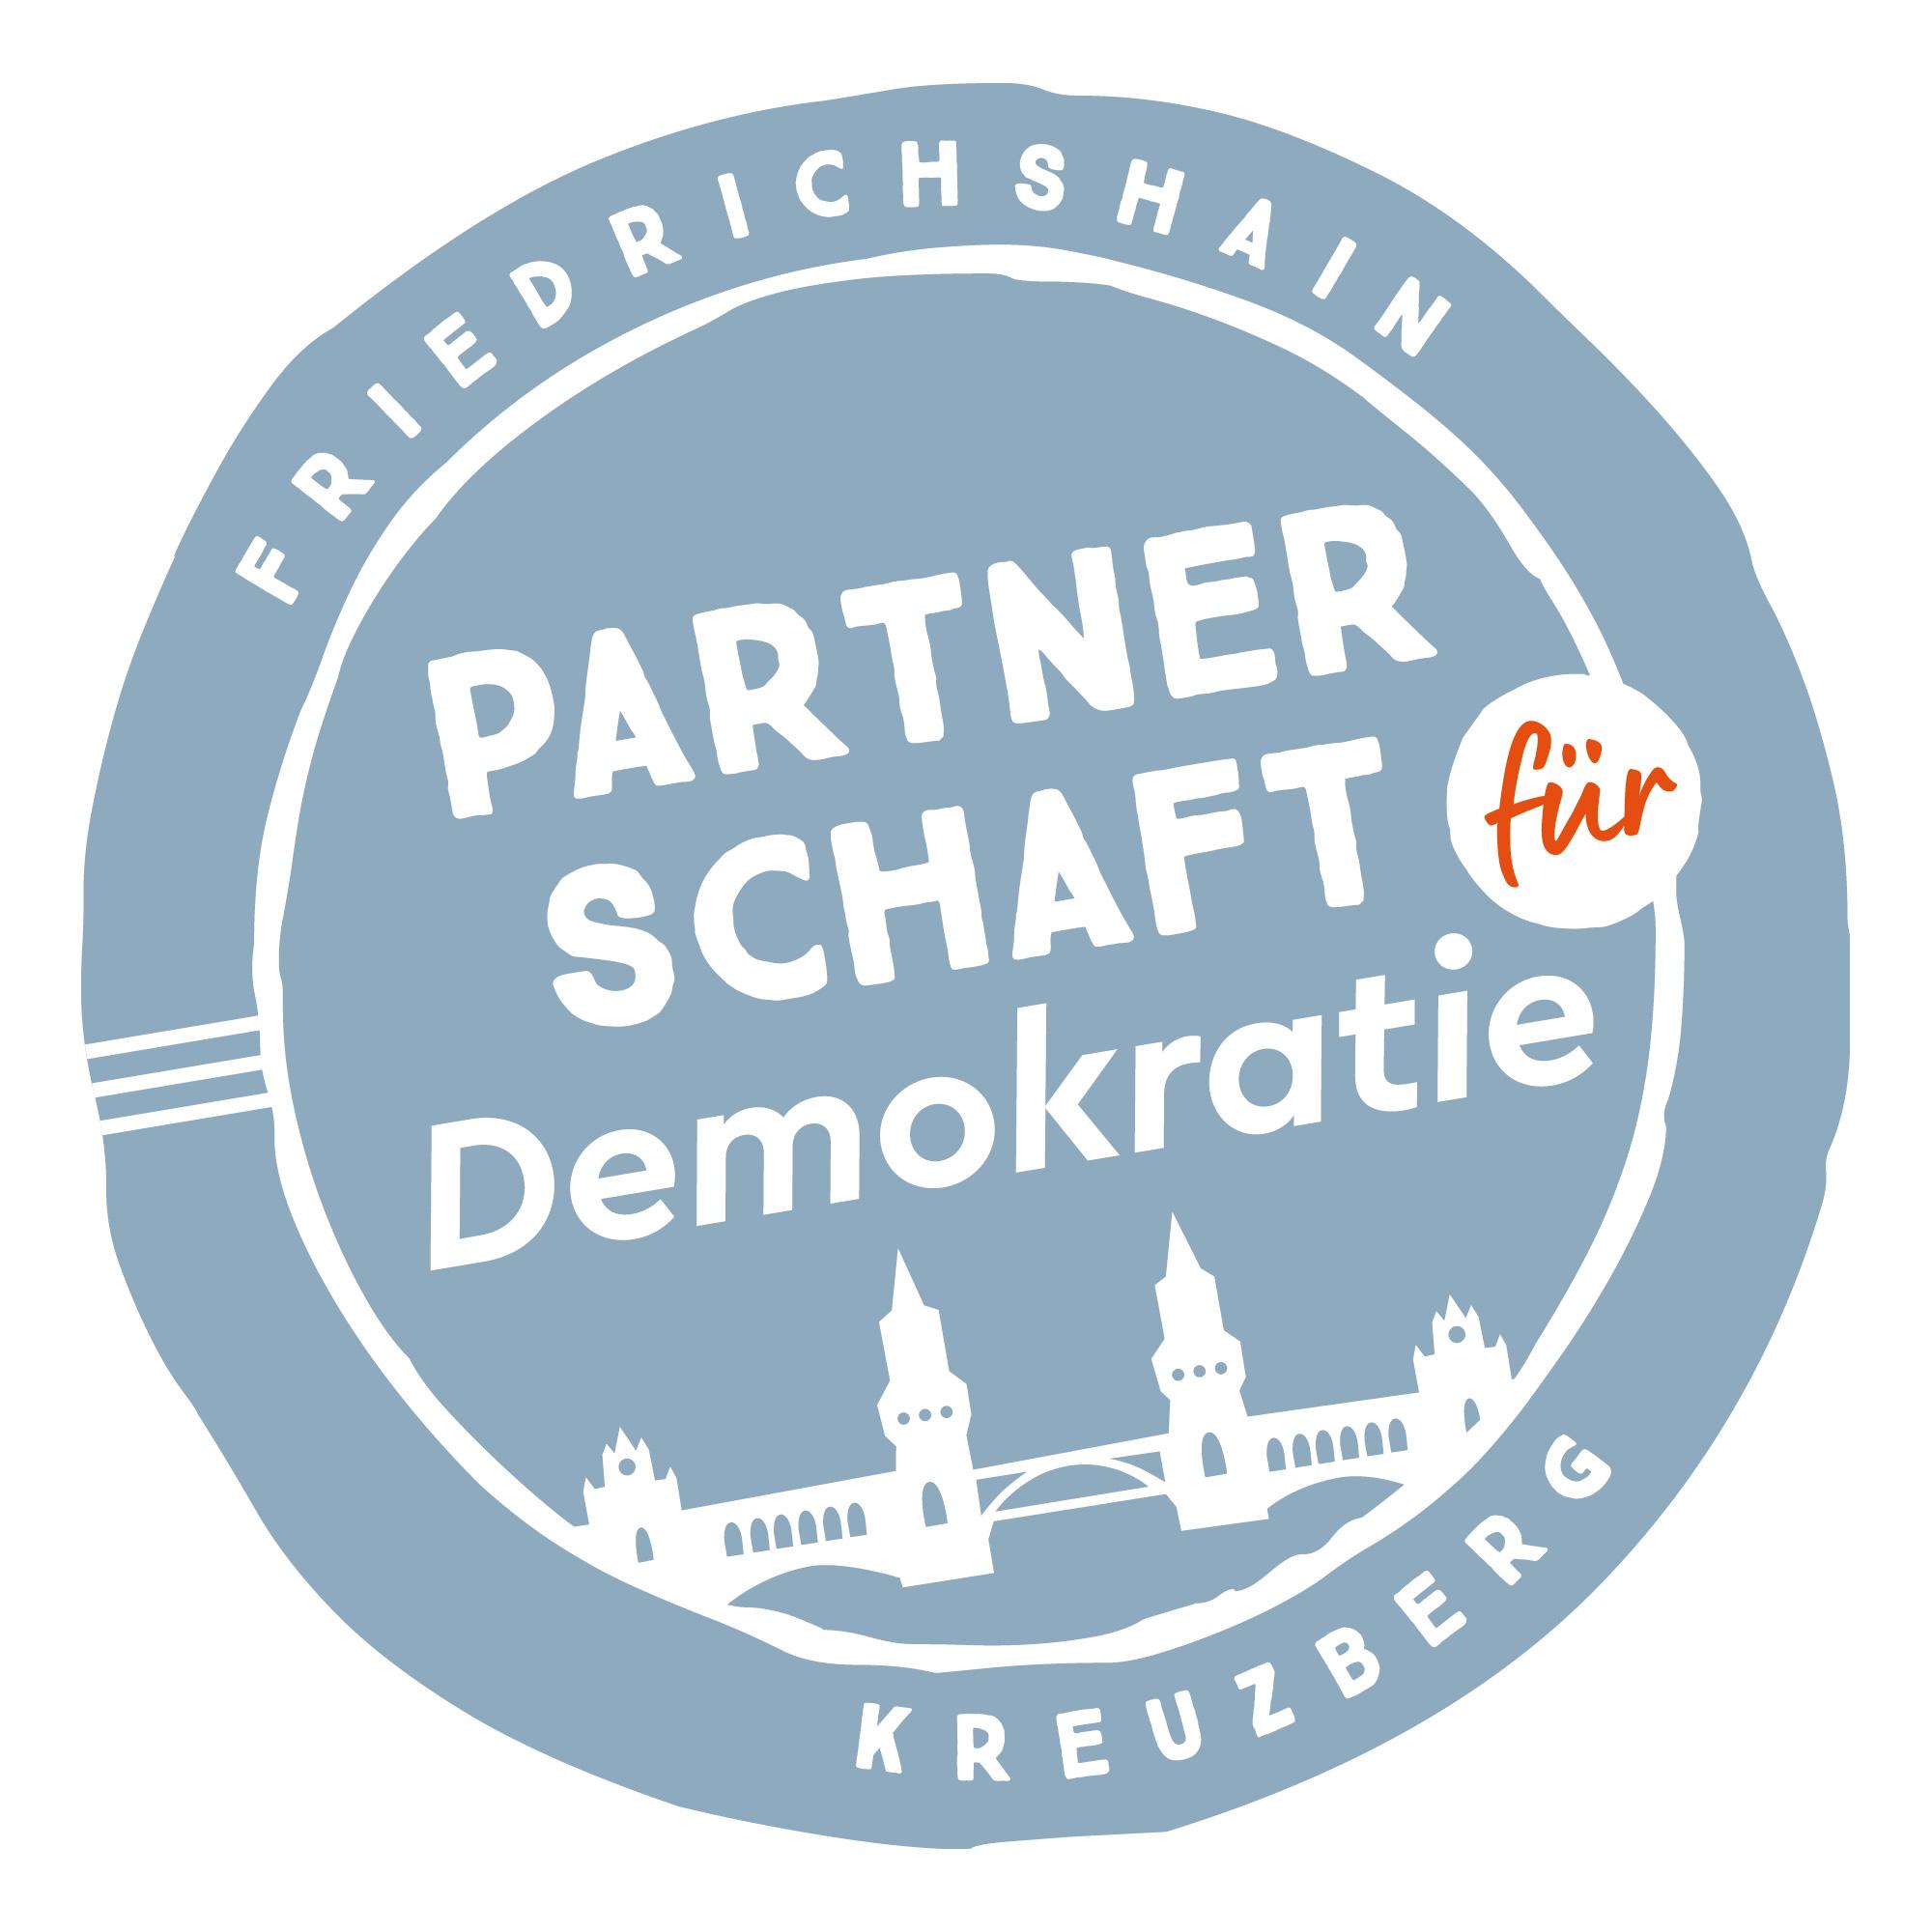 Film der Demokratiekonferenz 2020 der Partnerschaft für Demokratie Friedrichshain-Kreuzberg